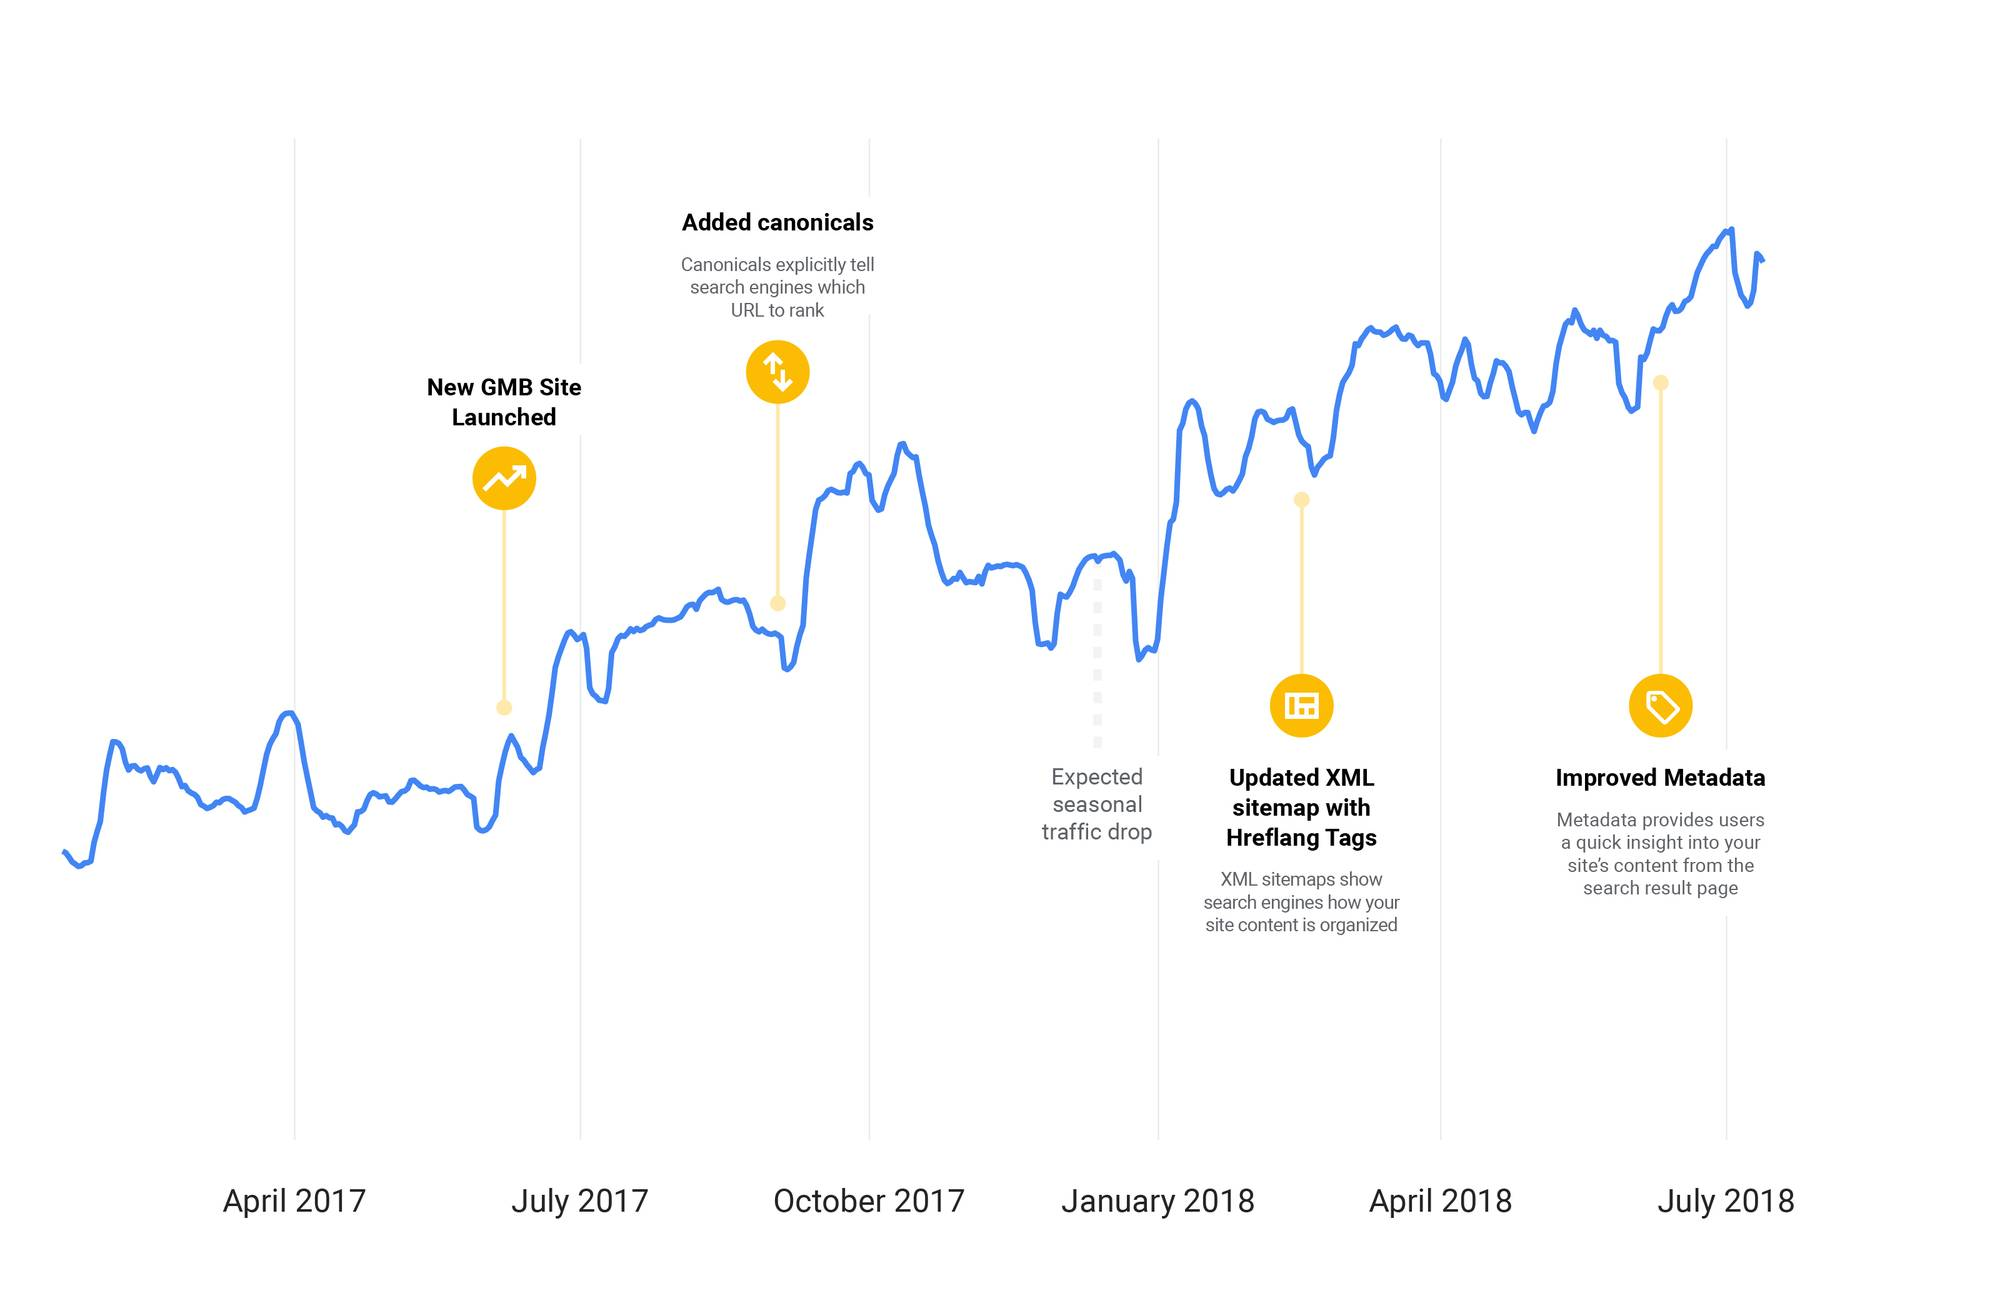 گوگل: تغییرات کوچک، باعث کسب نتایج بزرگ در سئو سایتها می شود